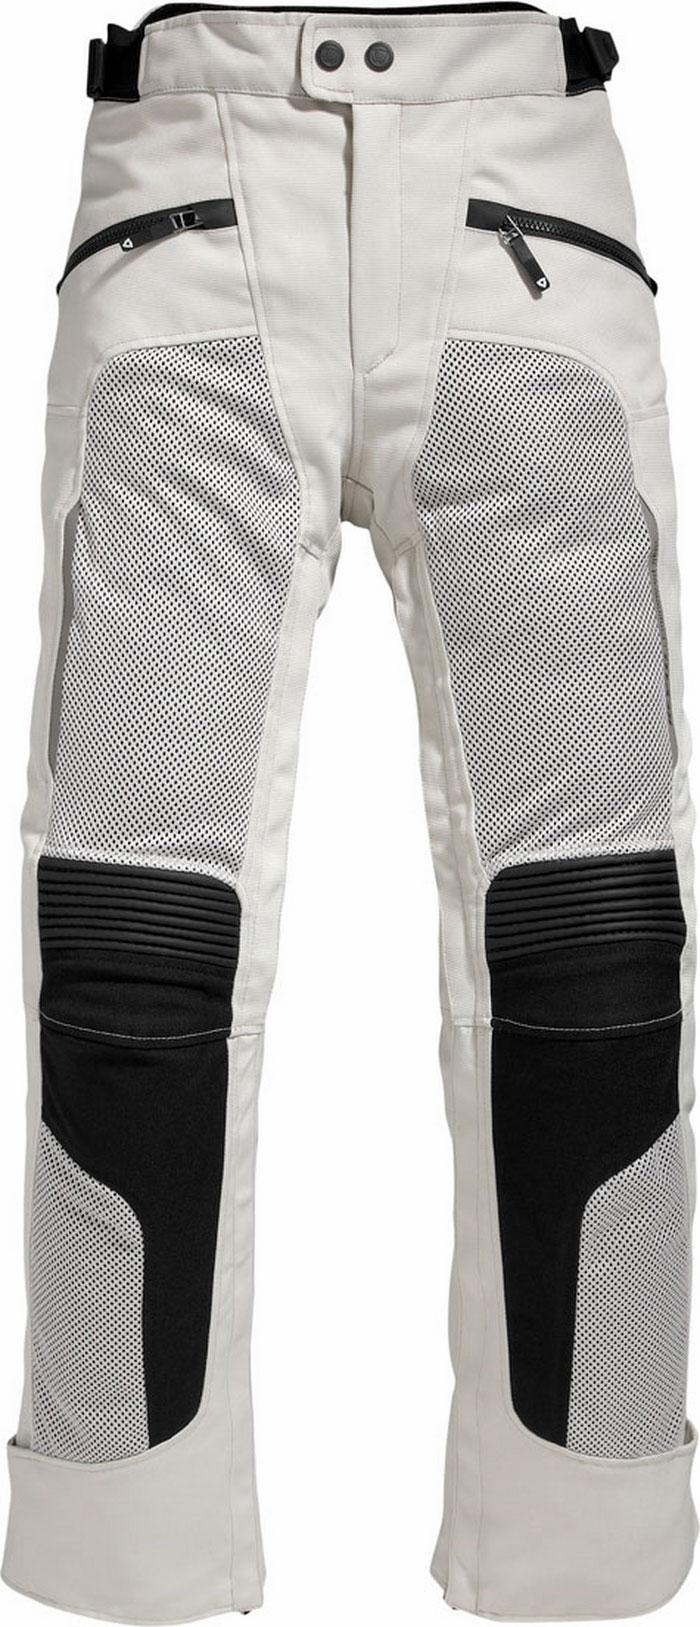 Pantaloni moto donna Rev'it Tornado Ladies argento neri